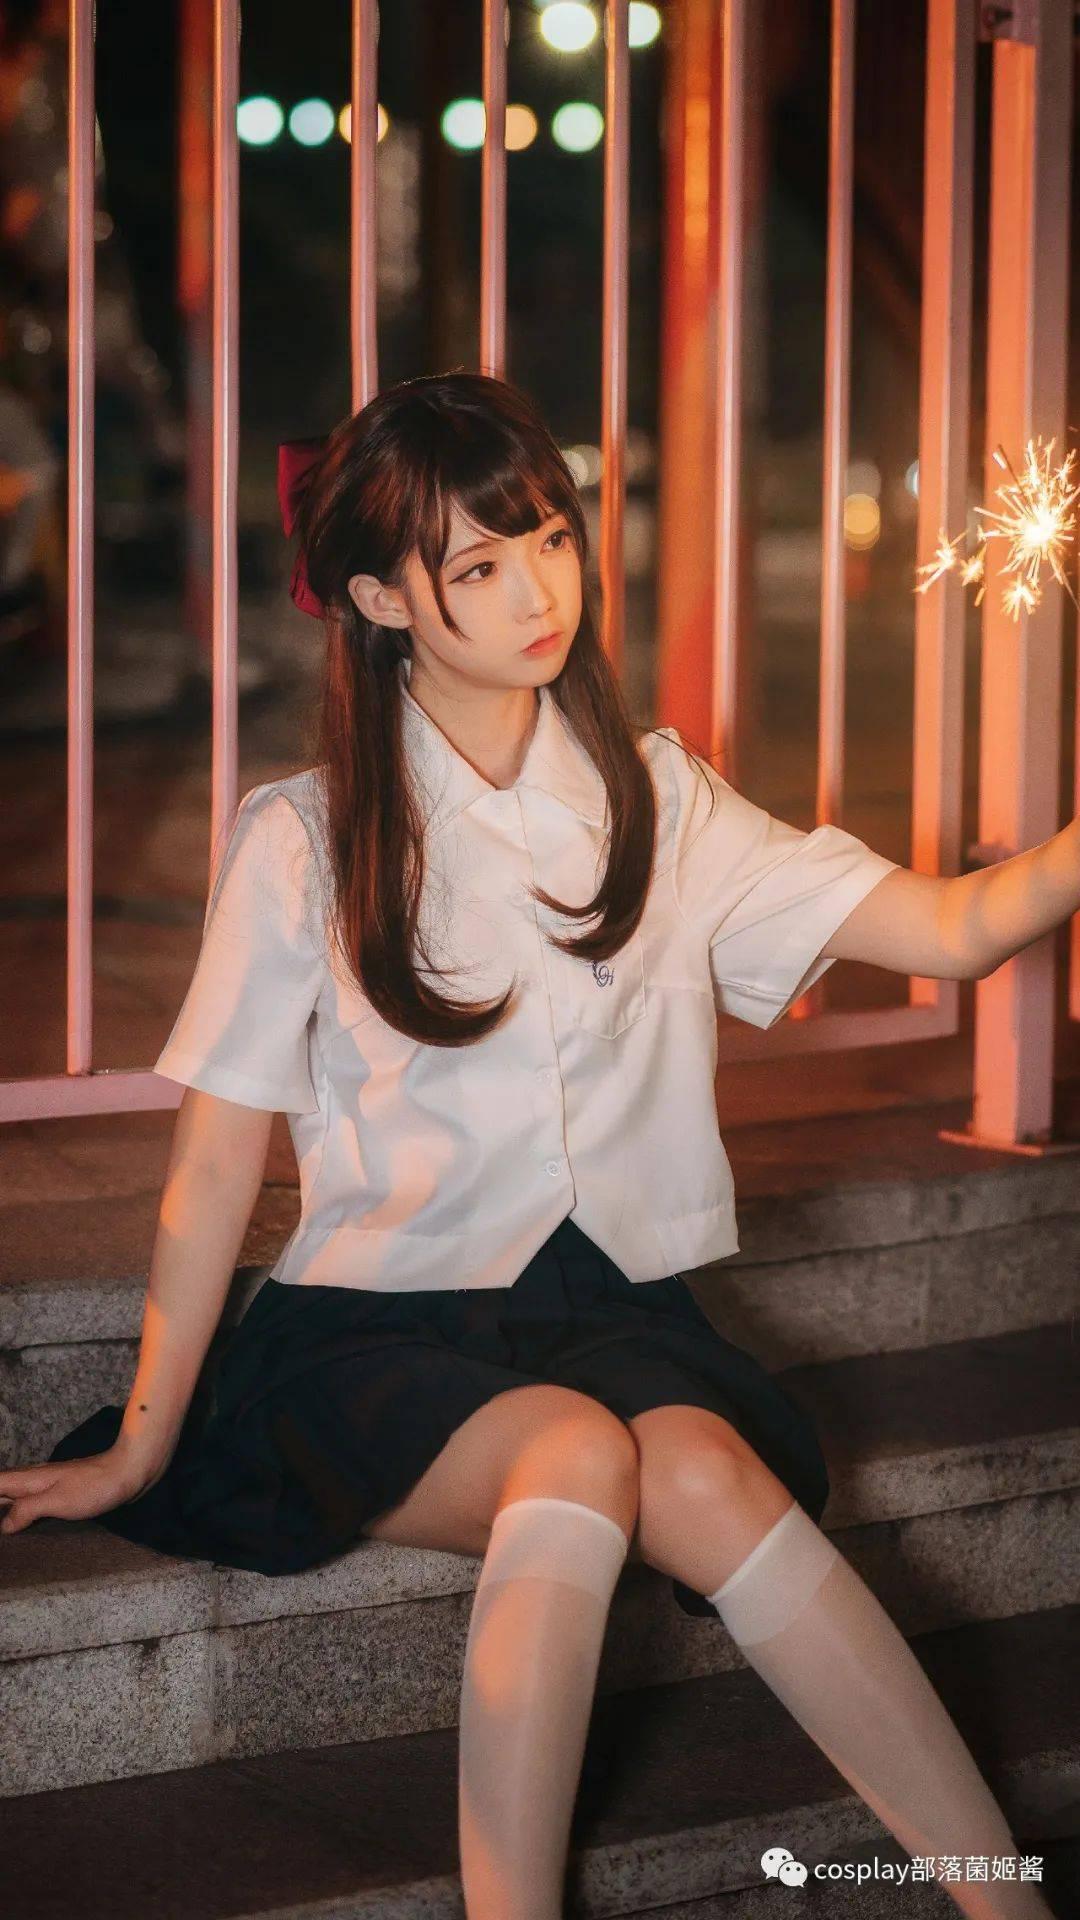 JK少女:日系写真的浪漫烟火